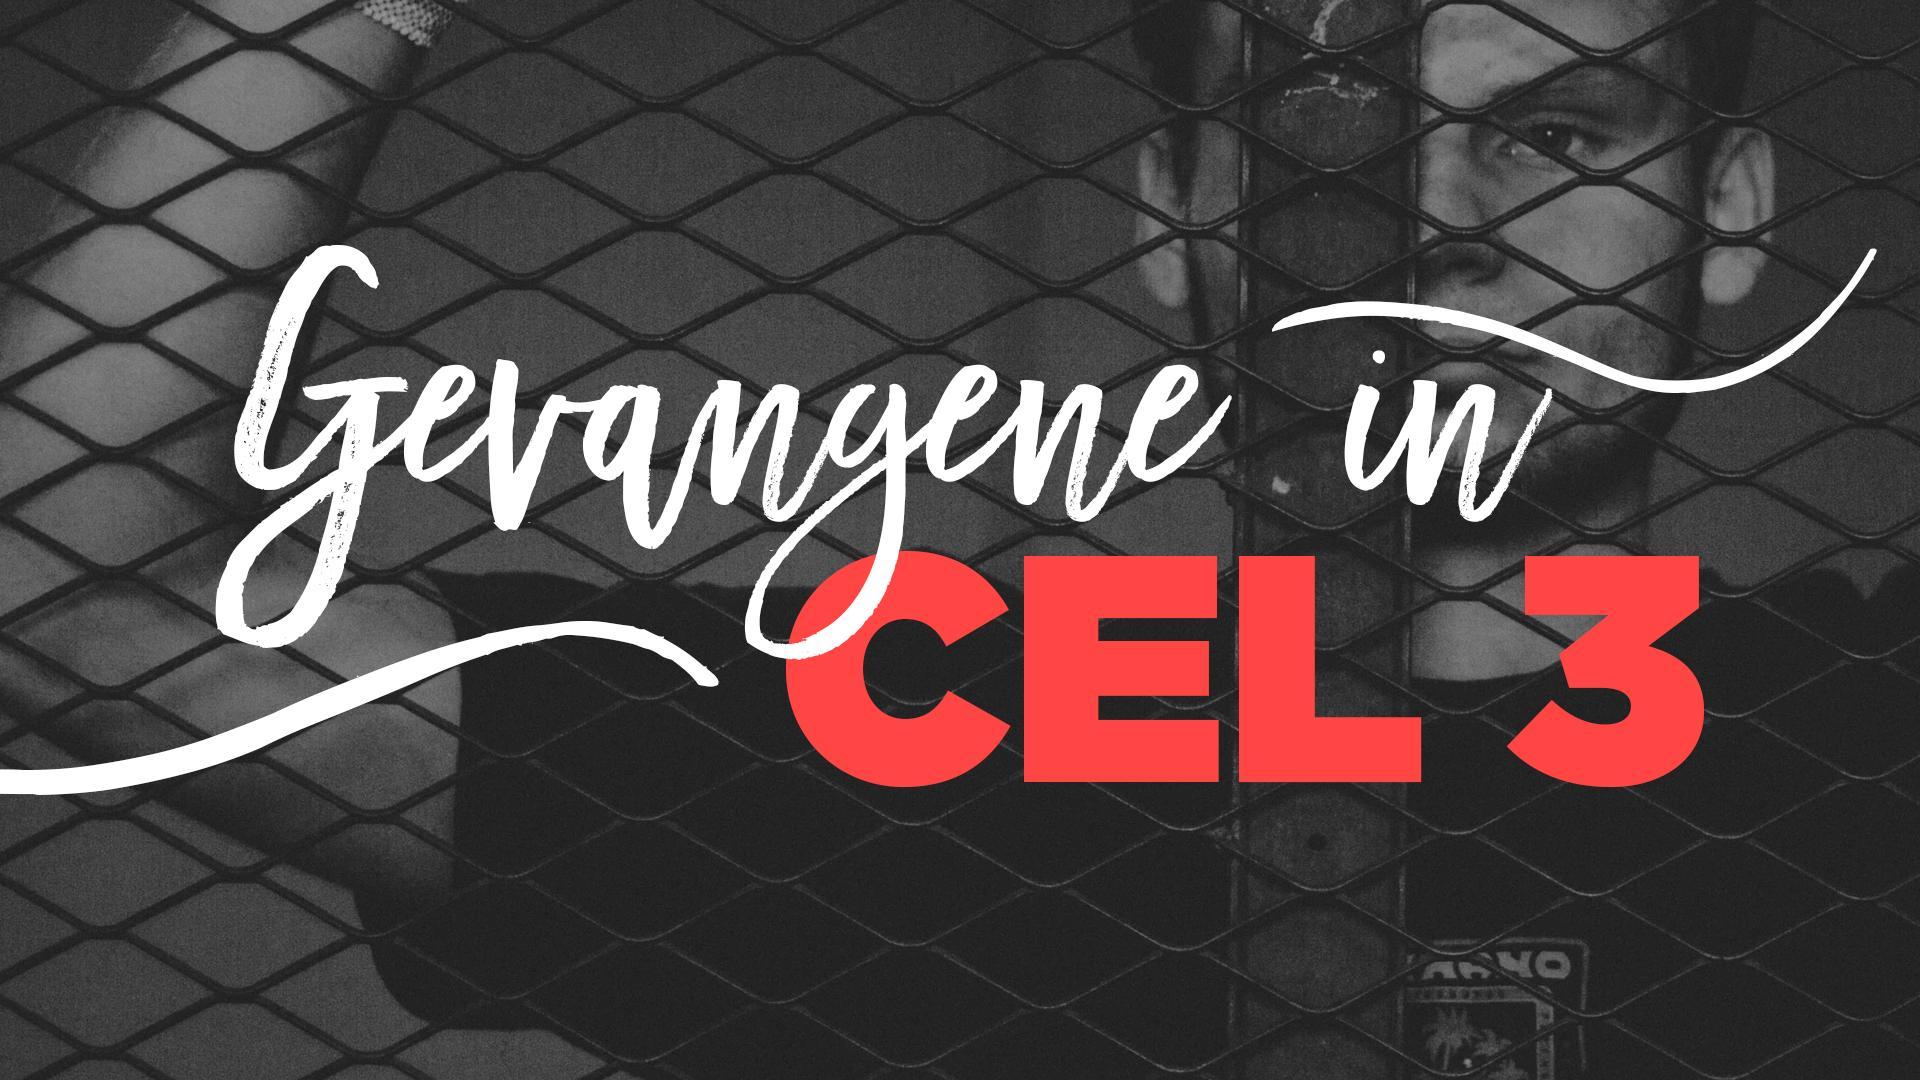 Bekijk de laatste preek van Cees Bots over Gevangene in cel 3